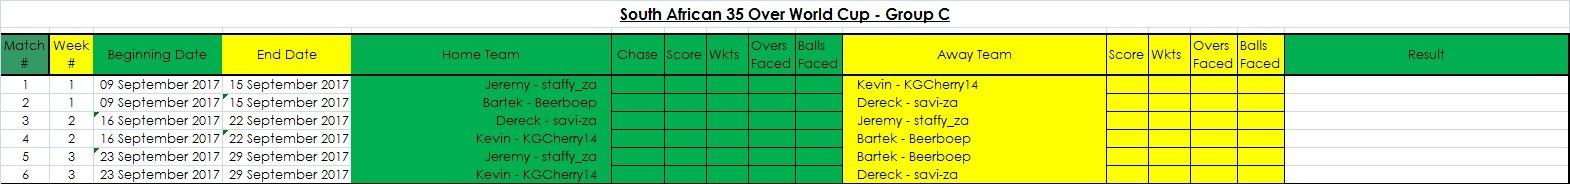 Fixtures Group C.jpg